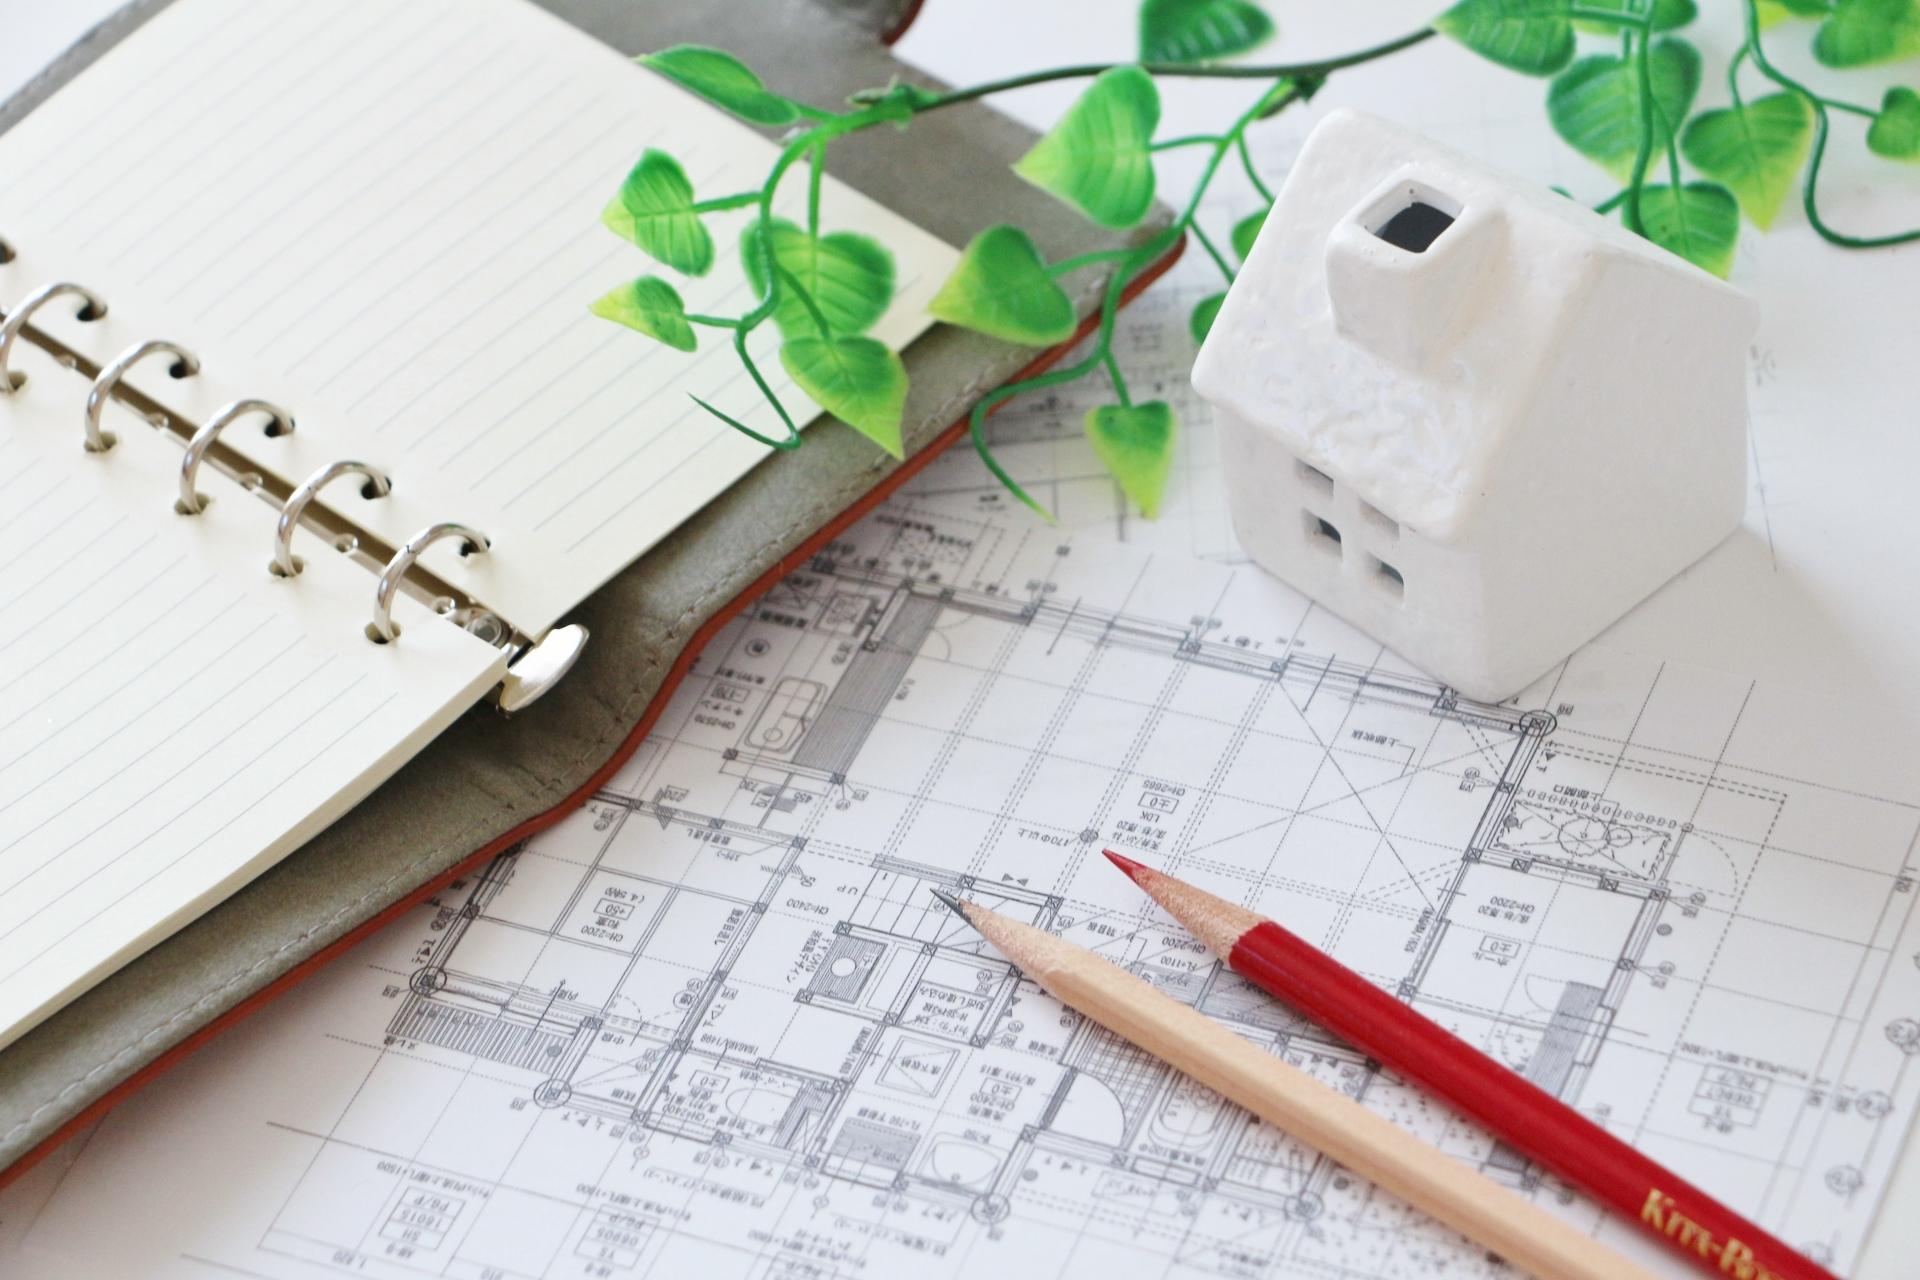 住宅を建てる場合の農地転用の手続きには設計図も必要